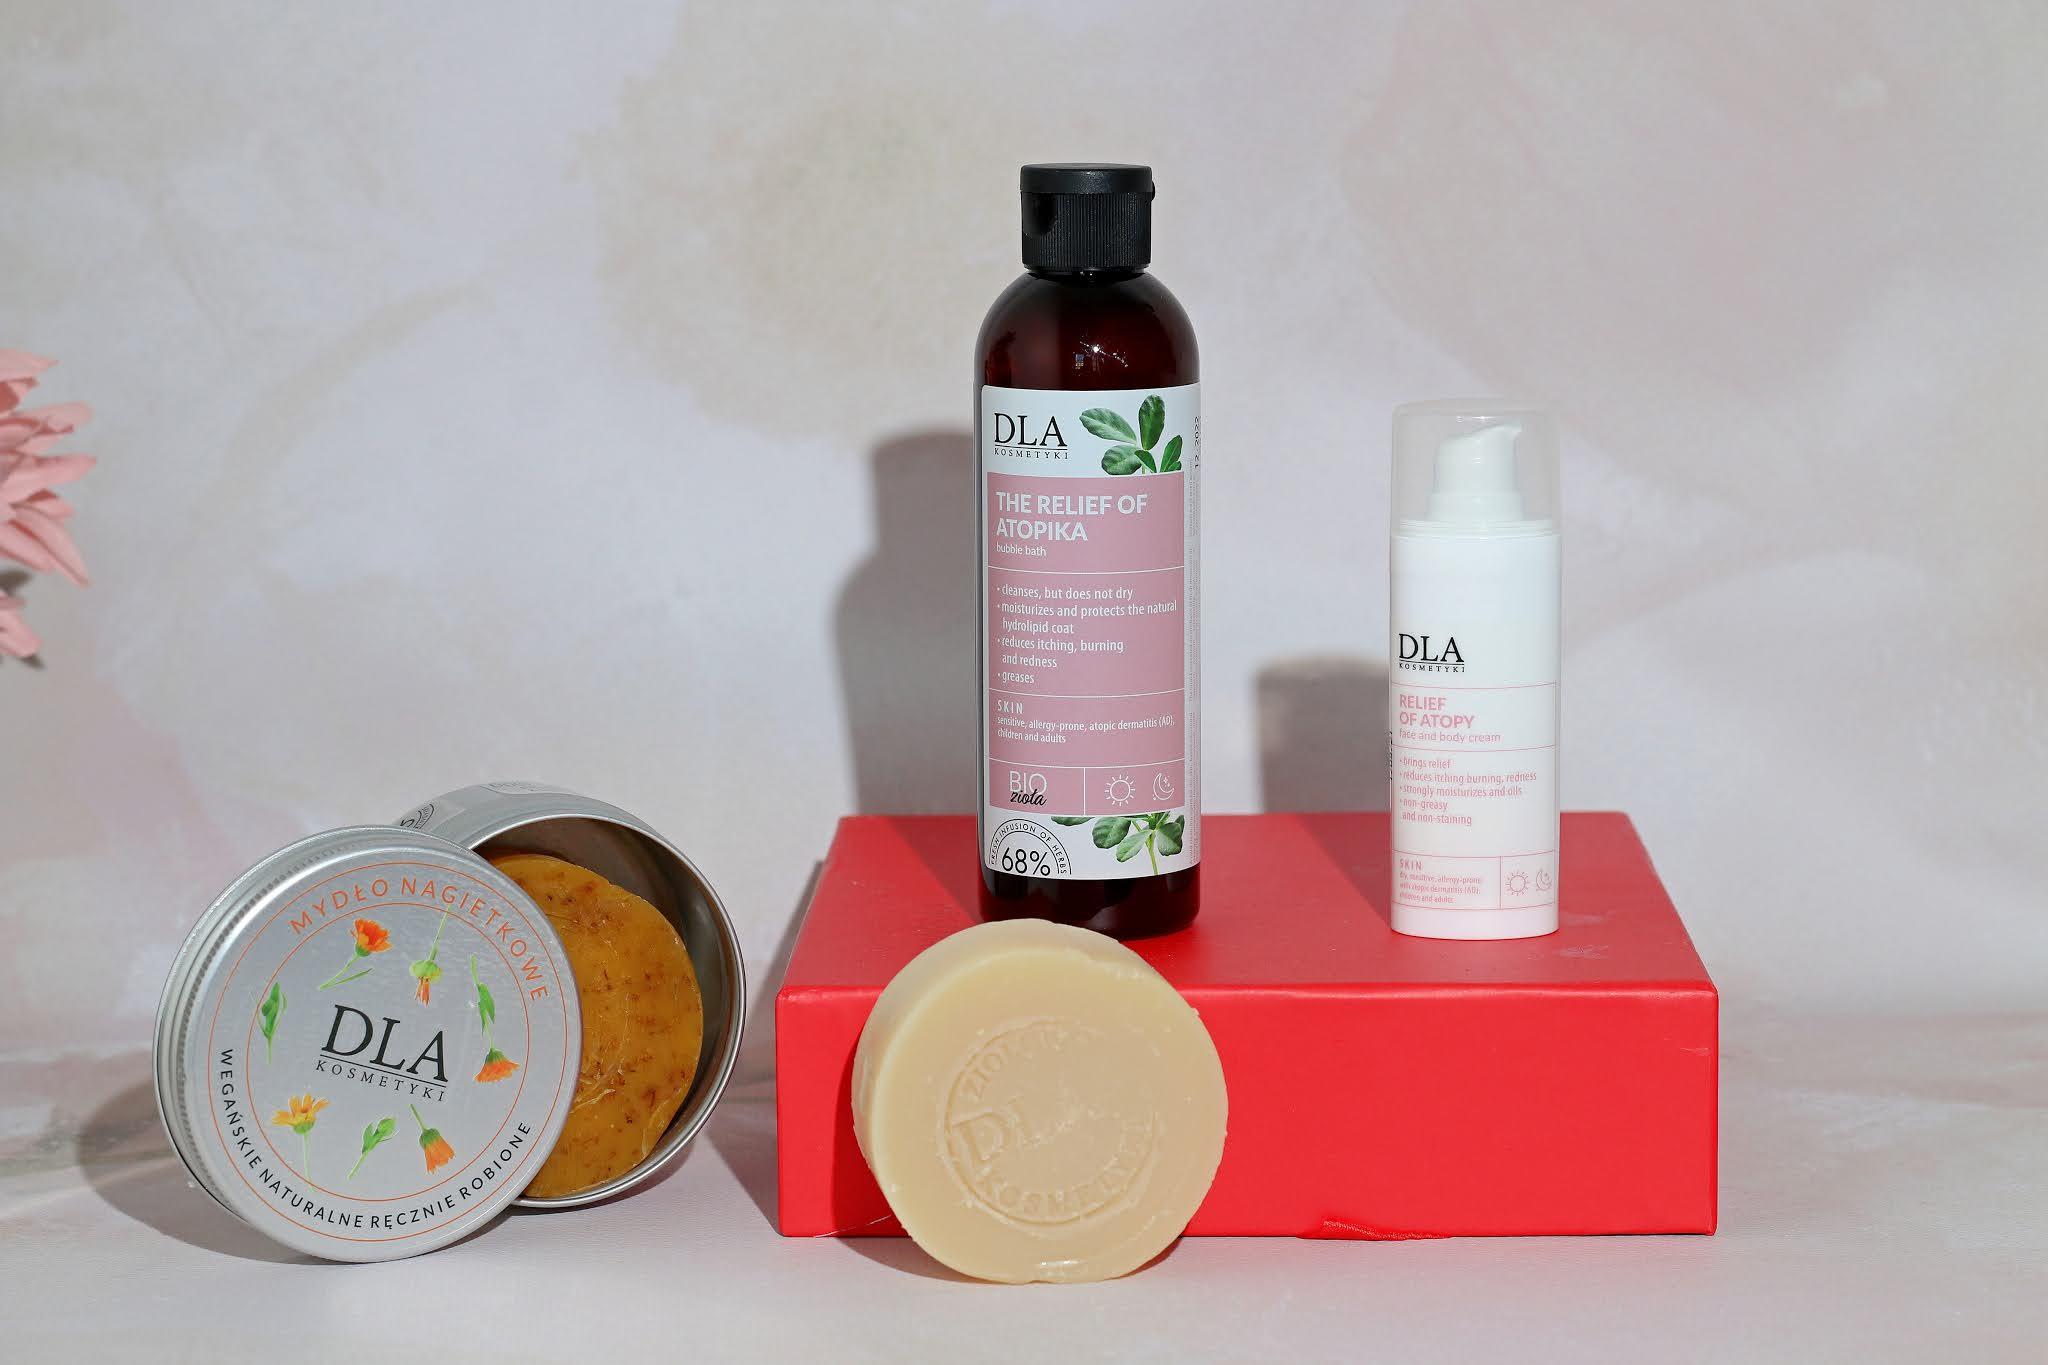 Kosmetyki Dla dla atopowej skóry, ukoimy atopika